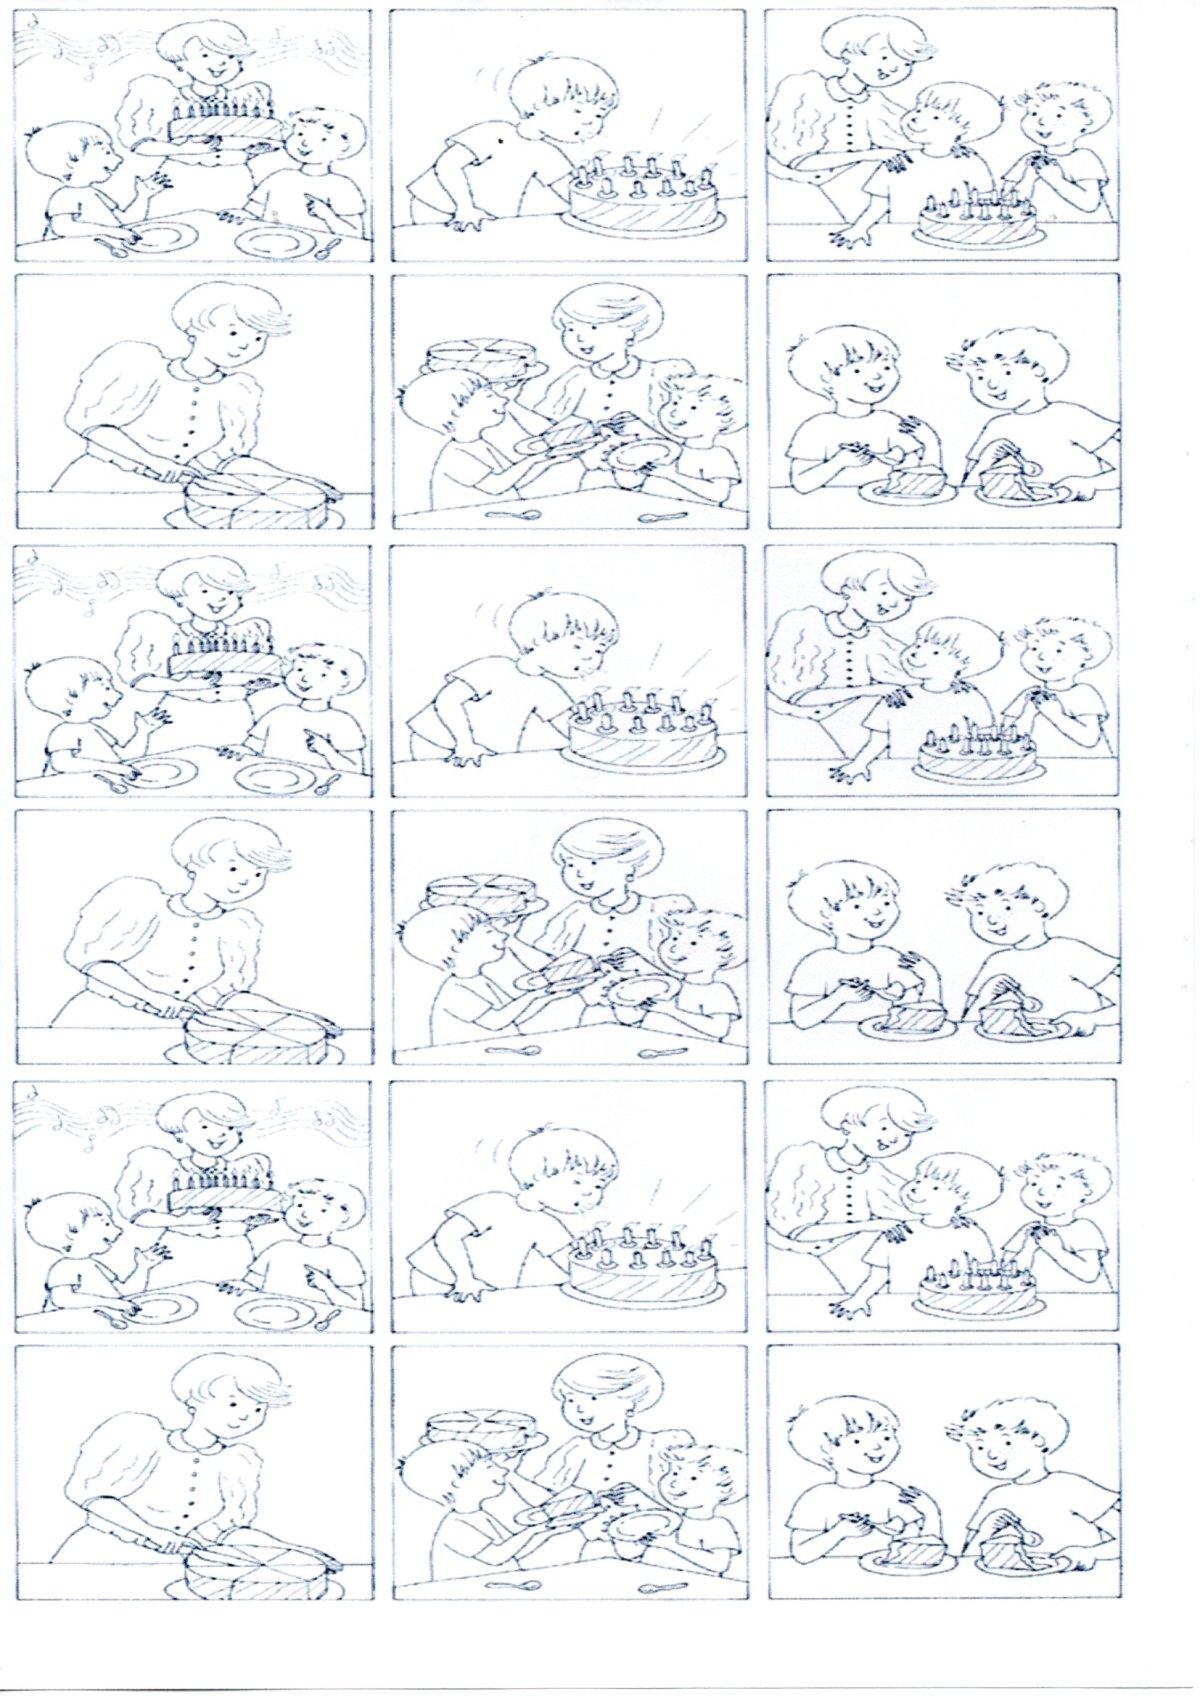 Quadrinhos em sequência para trabalhar Produção de texto